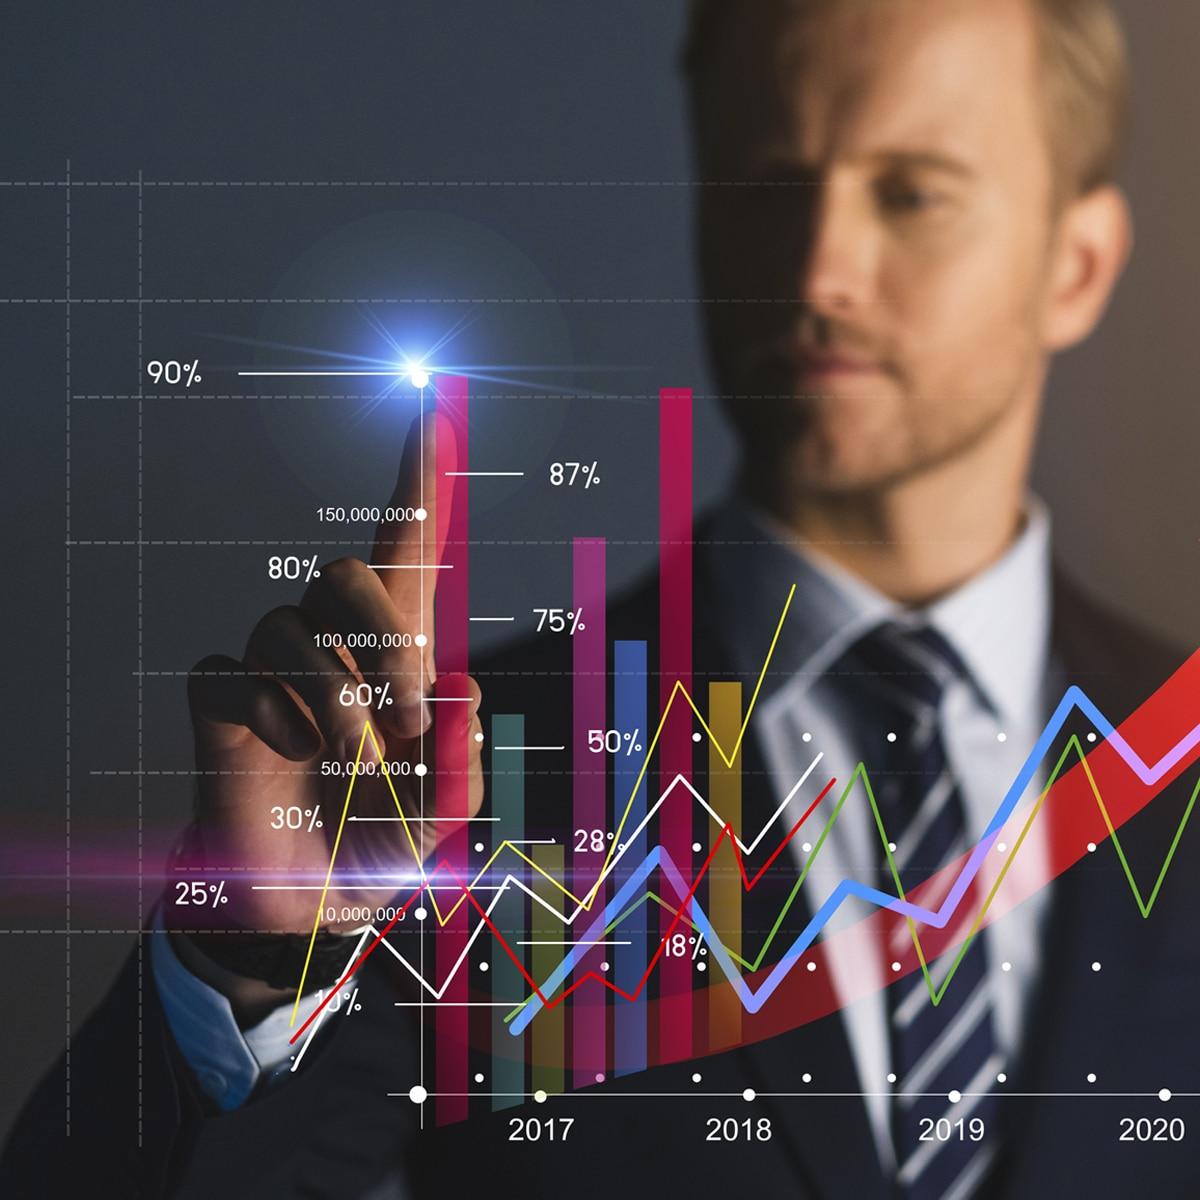 Portafogli a prova di crisi: come navigare al meglio i mercati